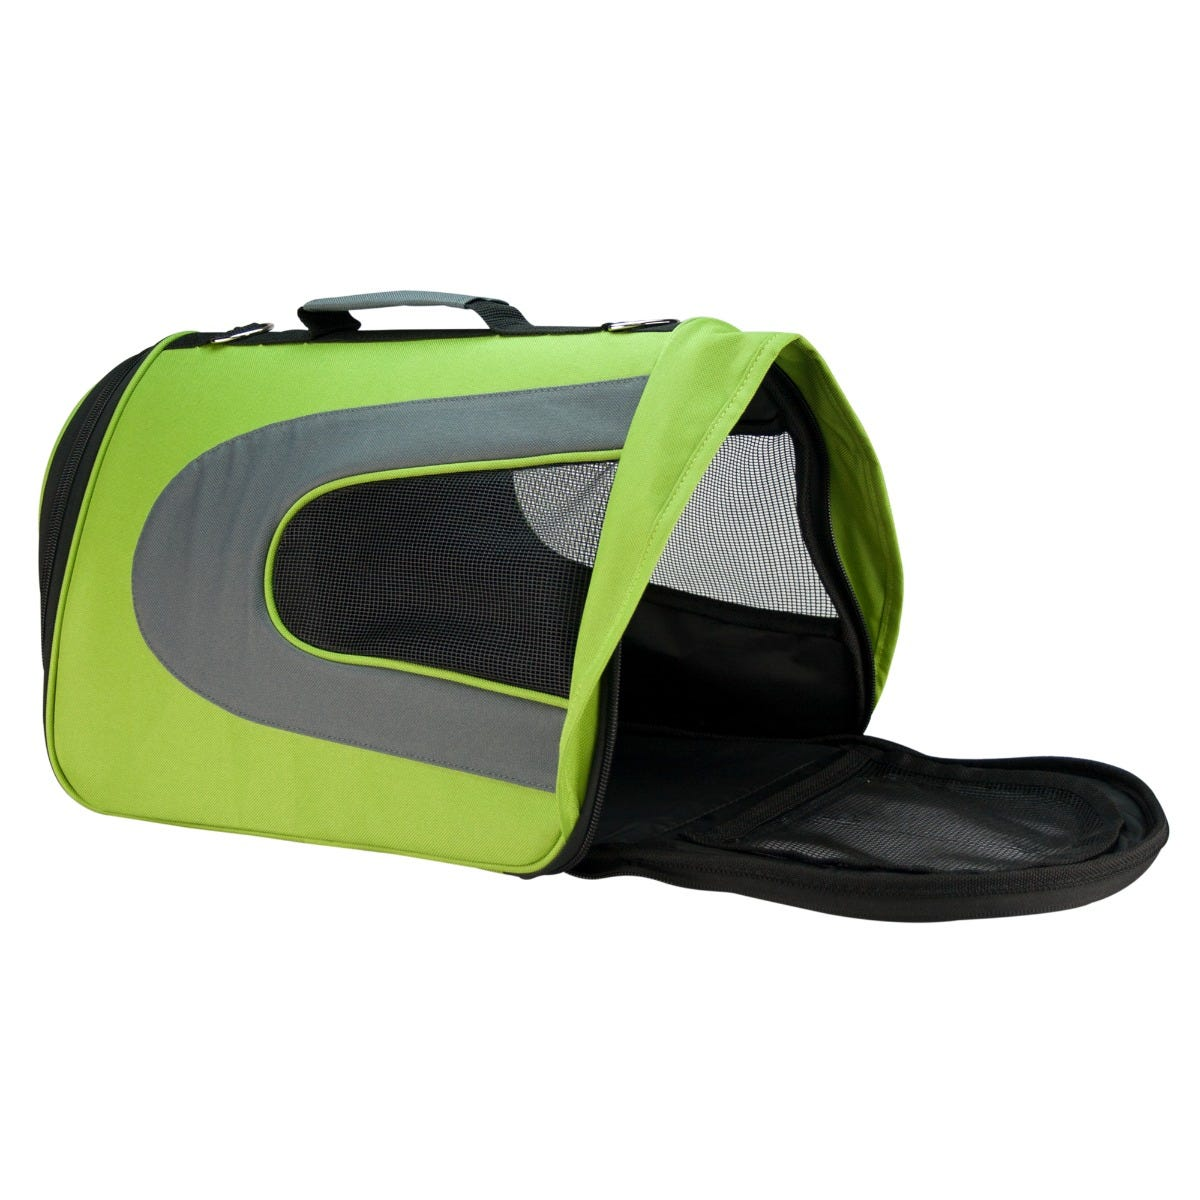 Transportadora Fancy Pets® con visera verde tamaño grande